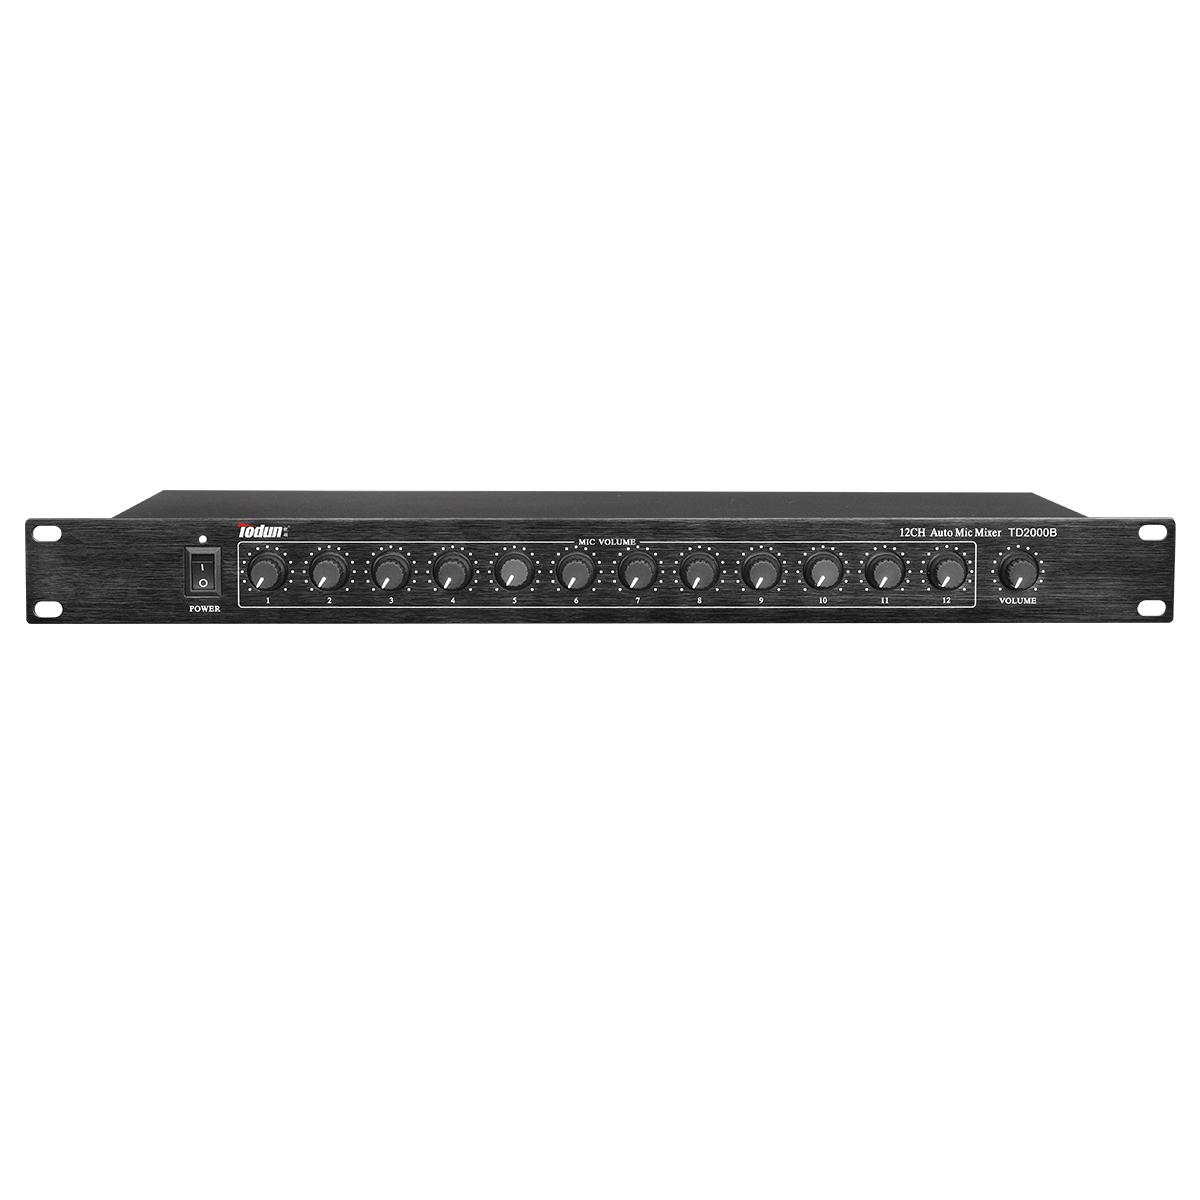 12路集线器 TD2000B 会议均衡调节12路输入 功能 话筒单独音量、总音量带开关